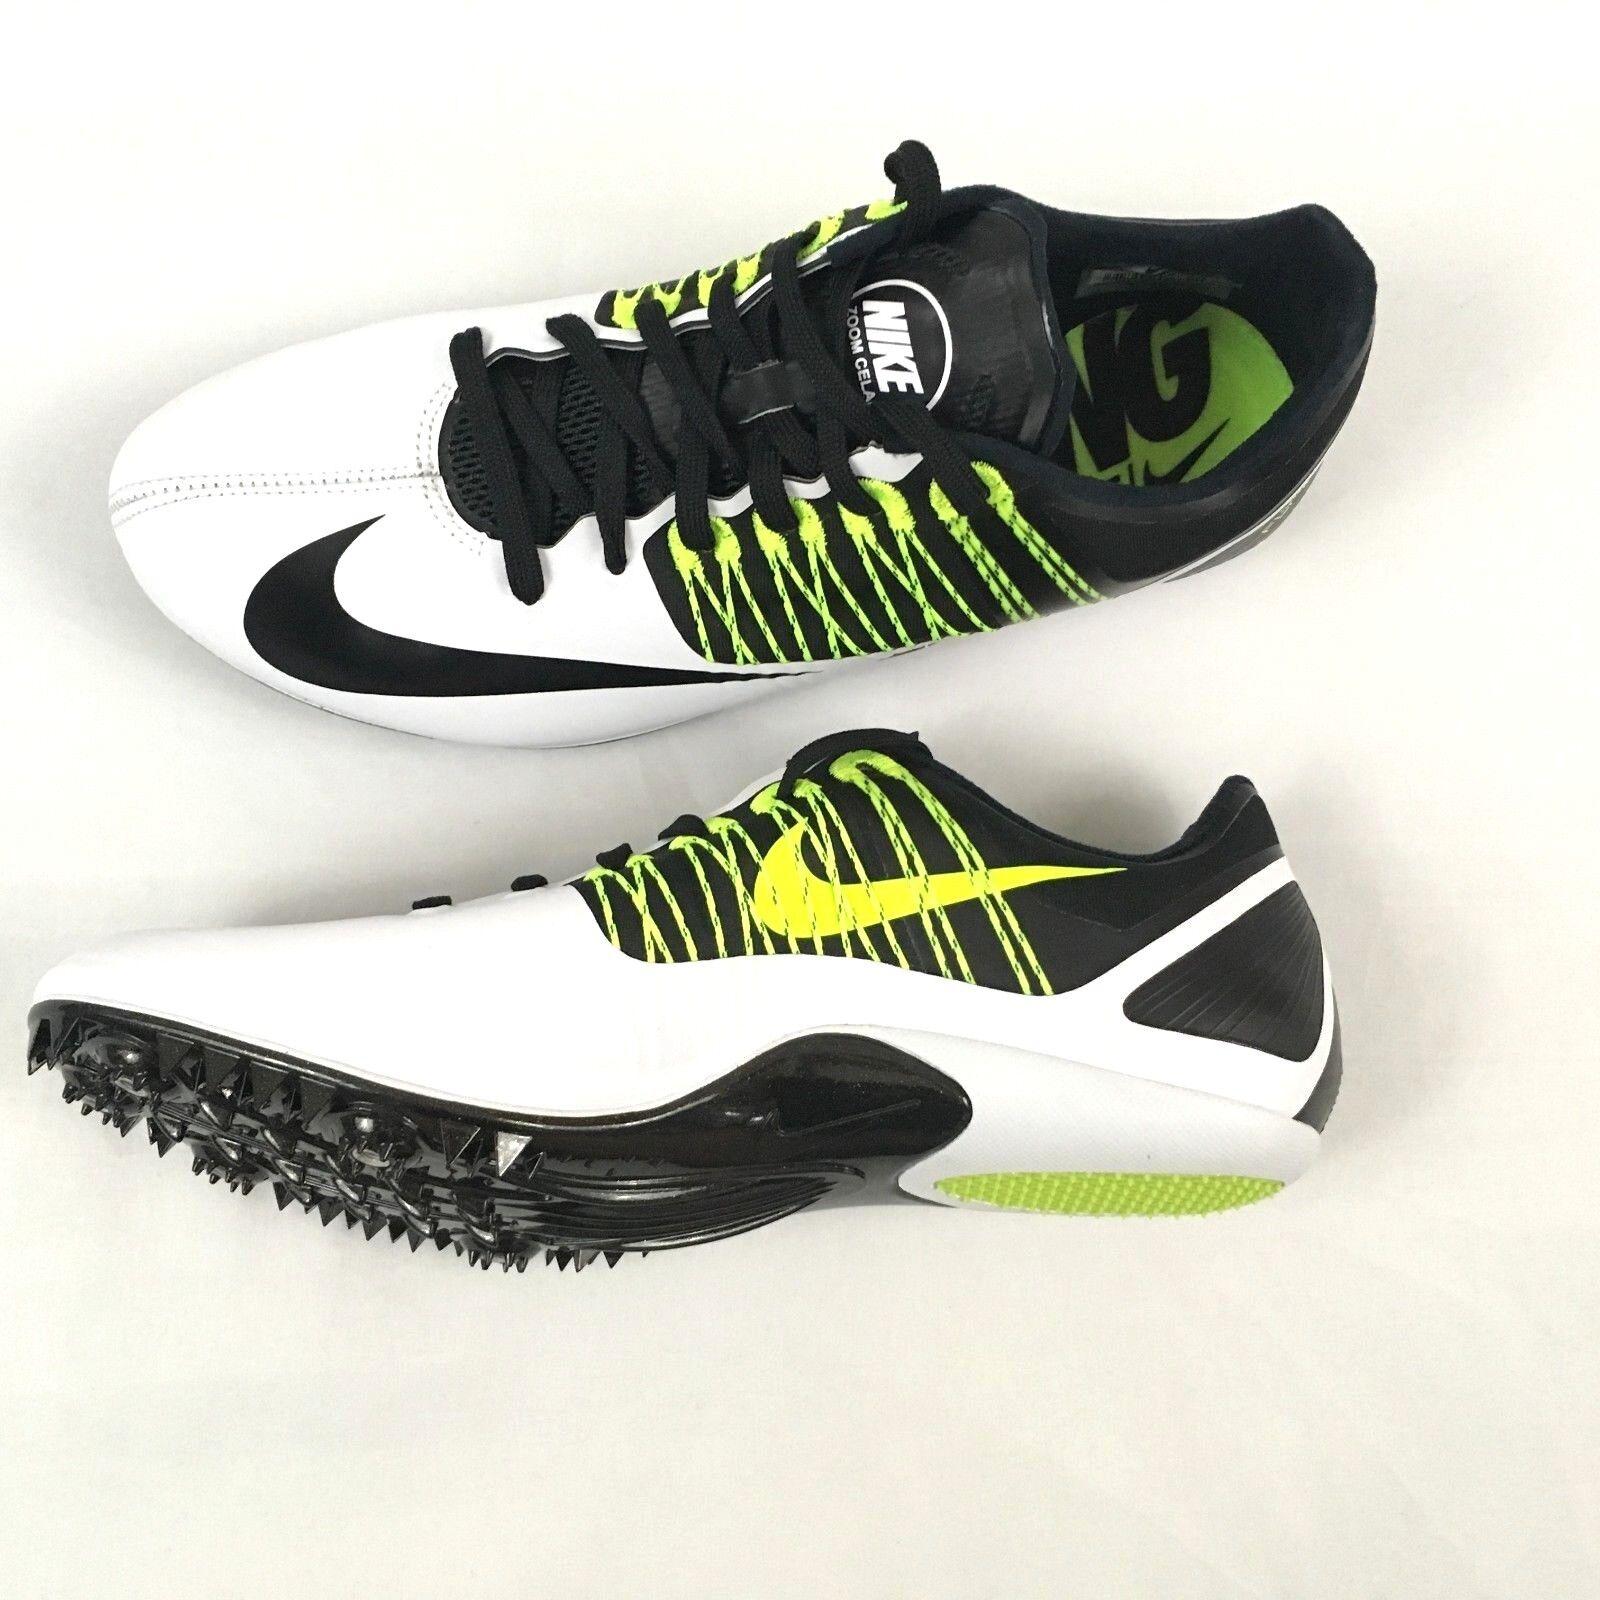 premium selection 2064c d076d ... cómodo barato y hermoso moda,. Nueva Nike Zoom Zoom Zoom No data 5  Racing Flywire Negro Blanco Volt tacos 629226-